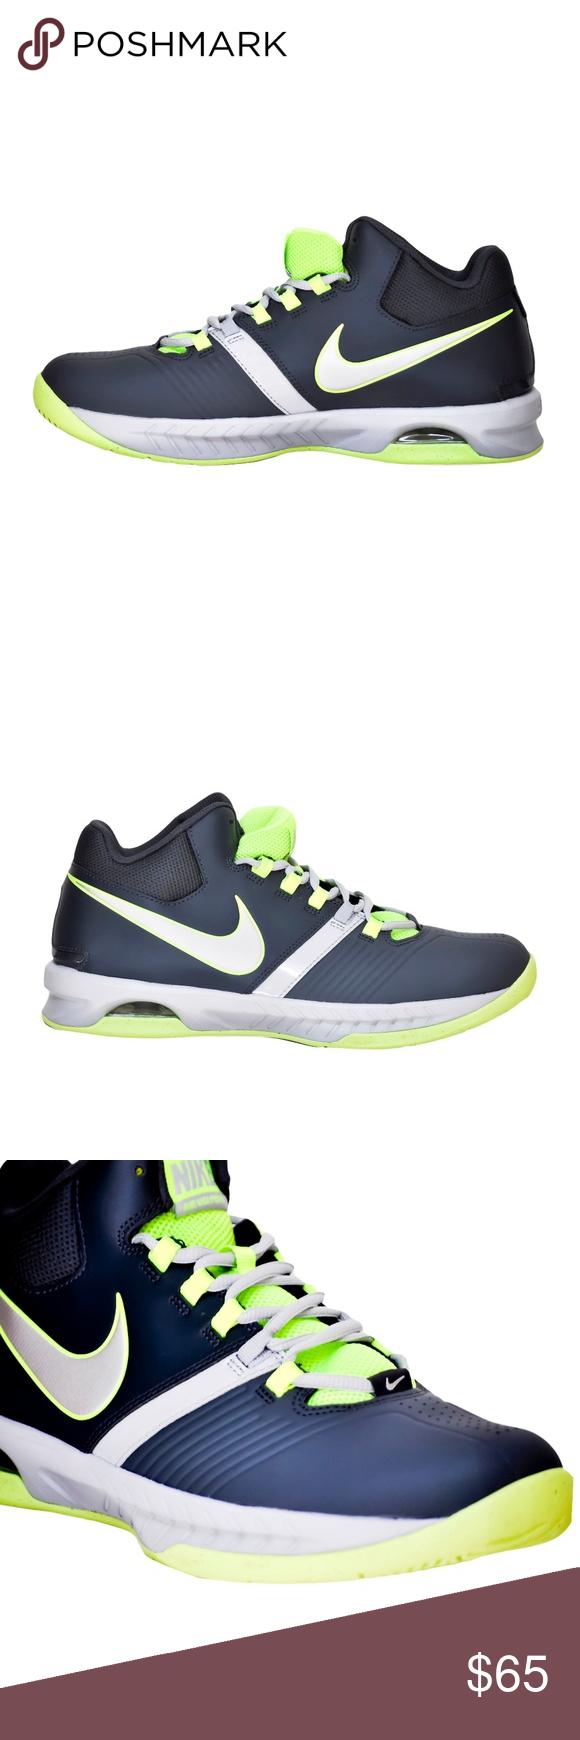 Nike Air Visi Pro V Basketball Shoes 10